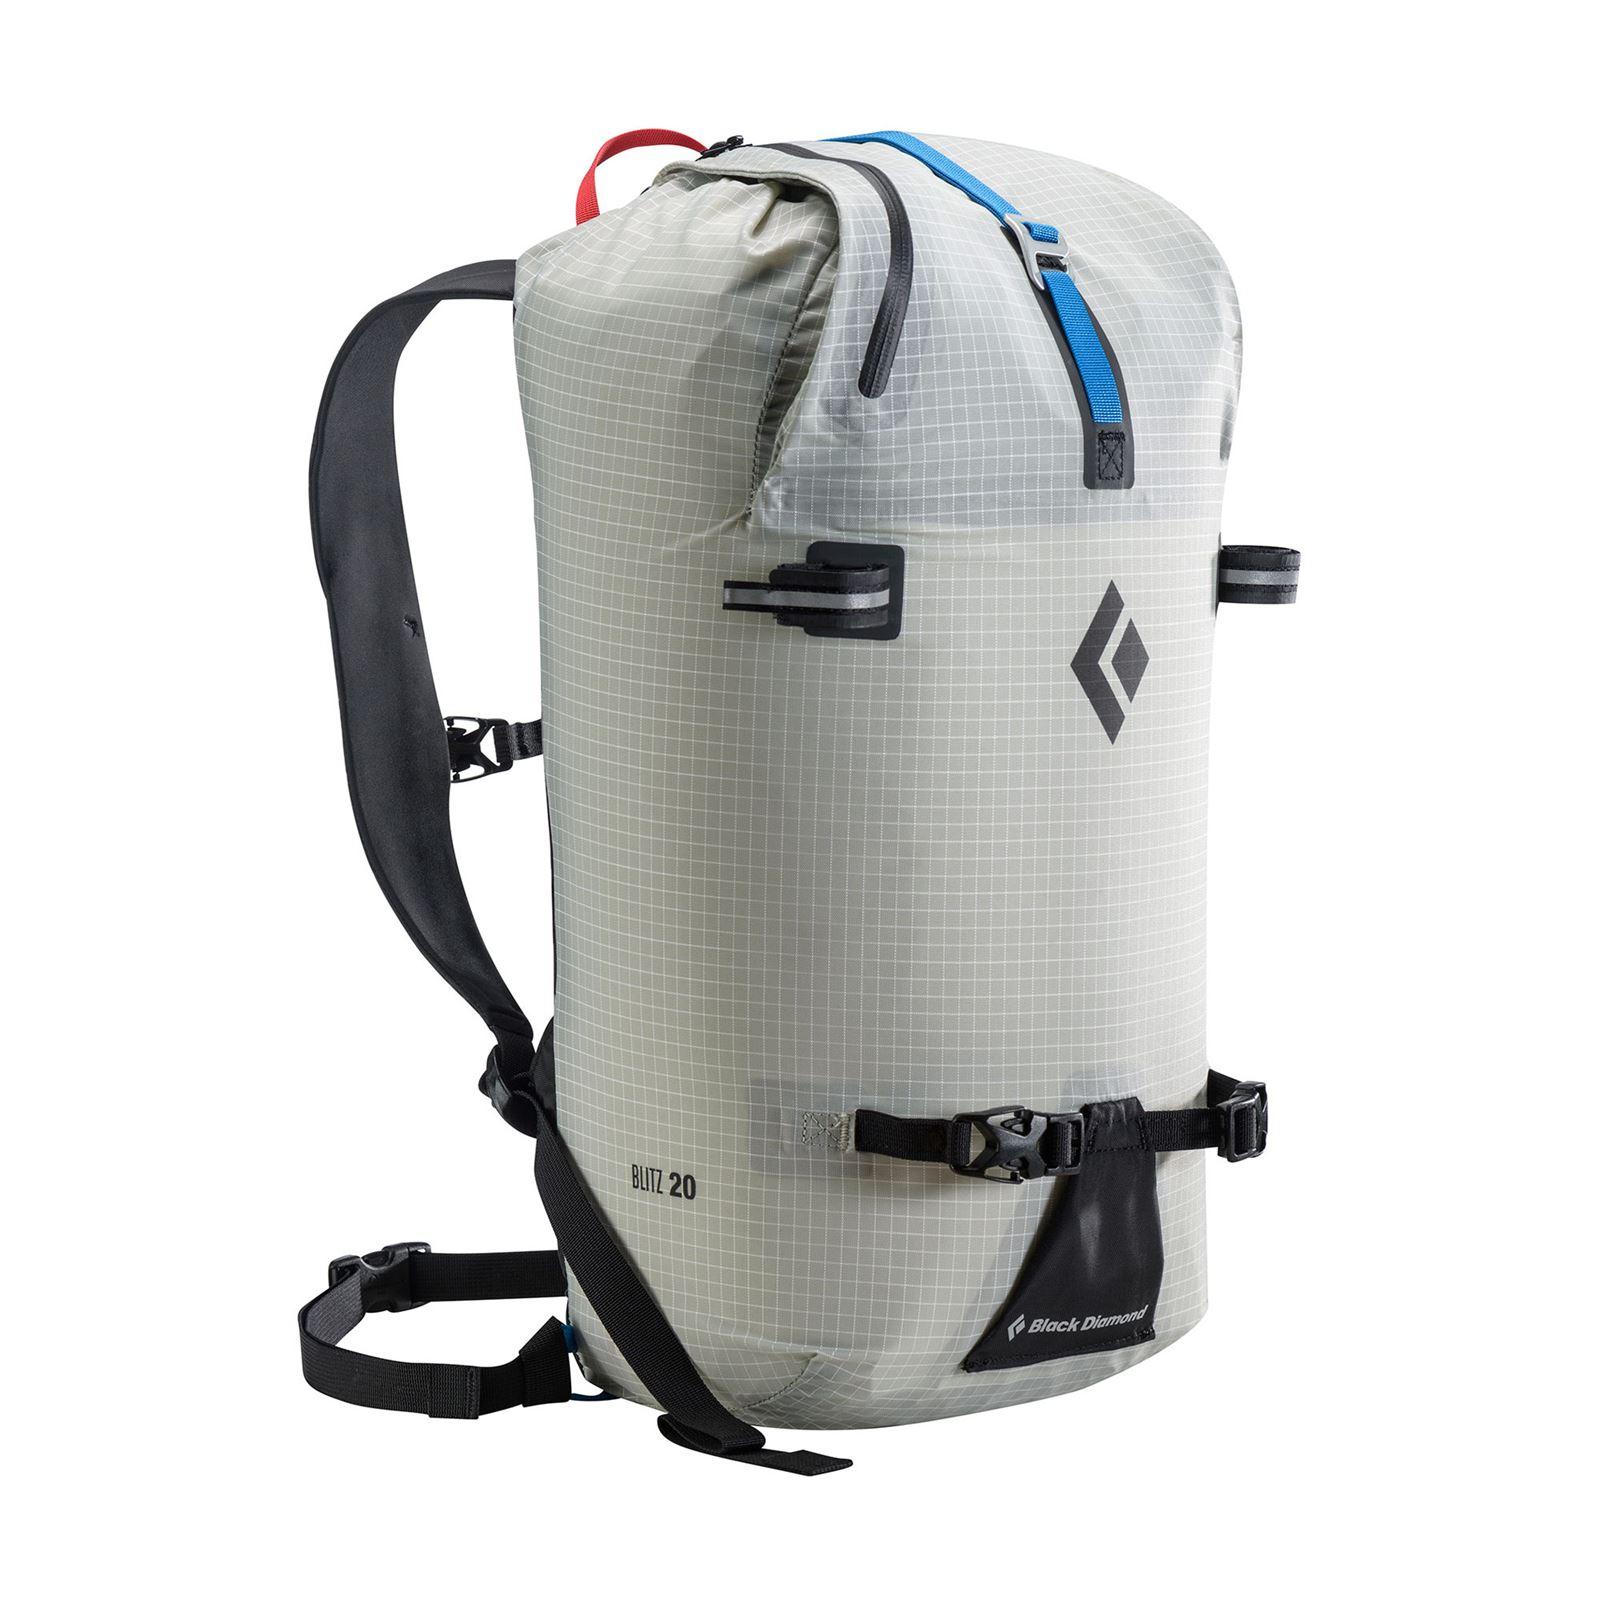 Blitz 20 Backpack